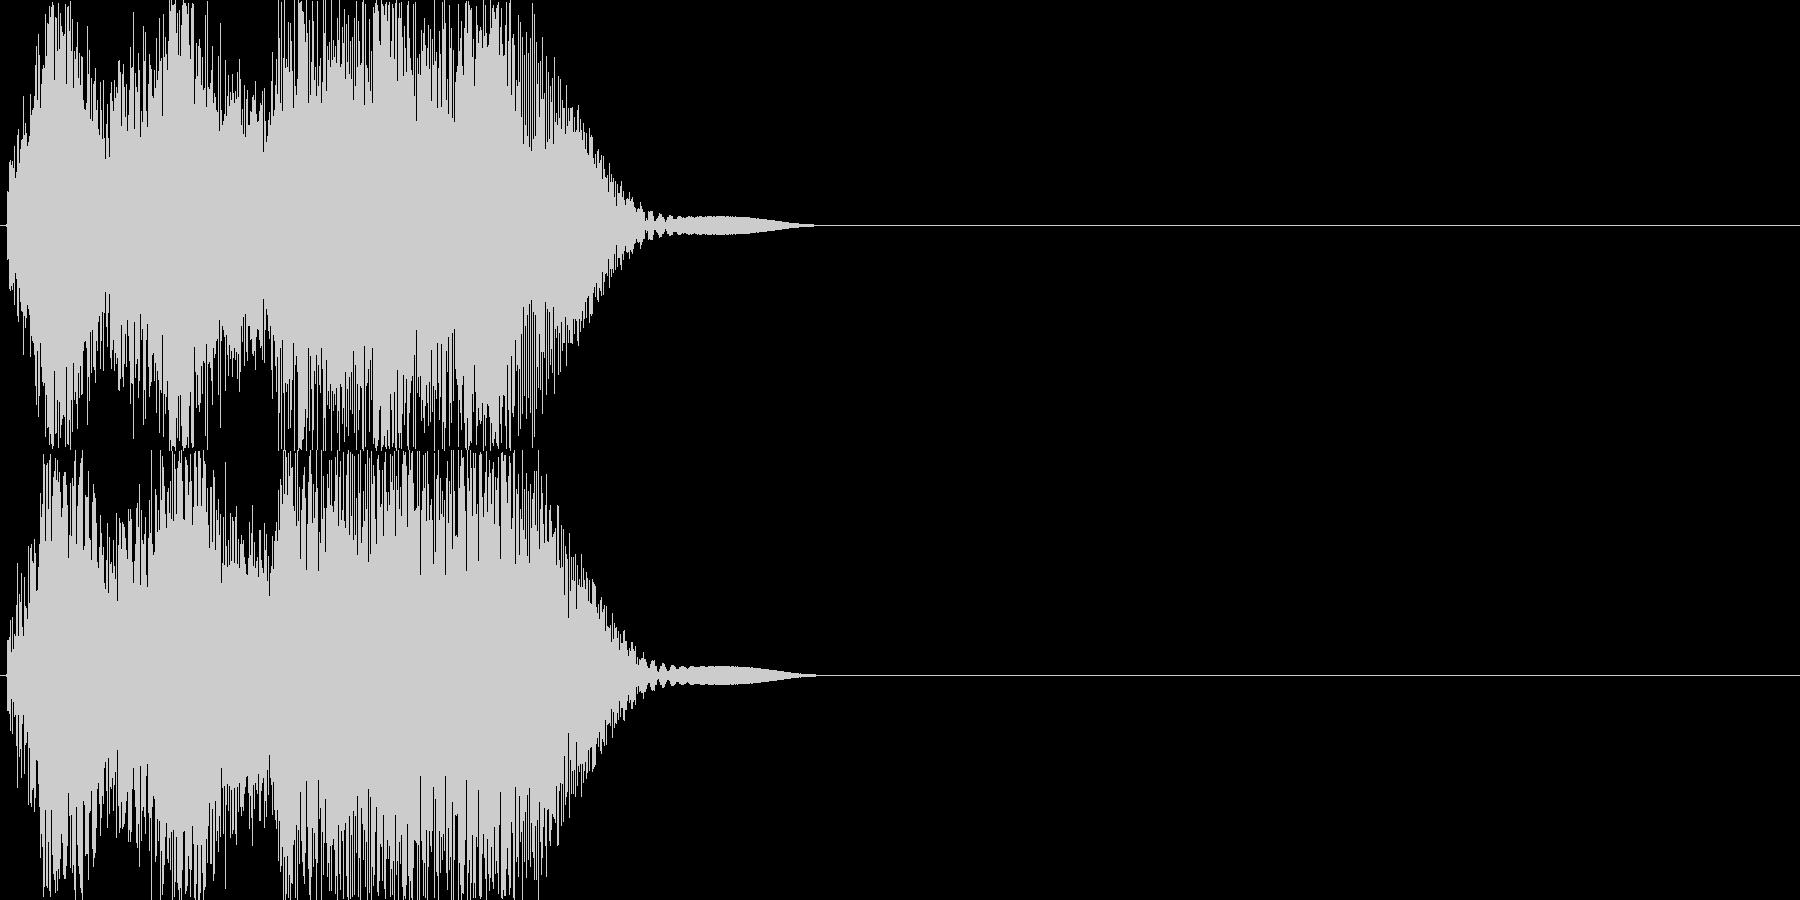 機械音01_シンセの未再生の波形